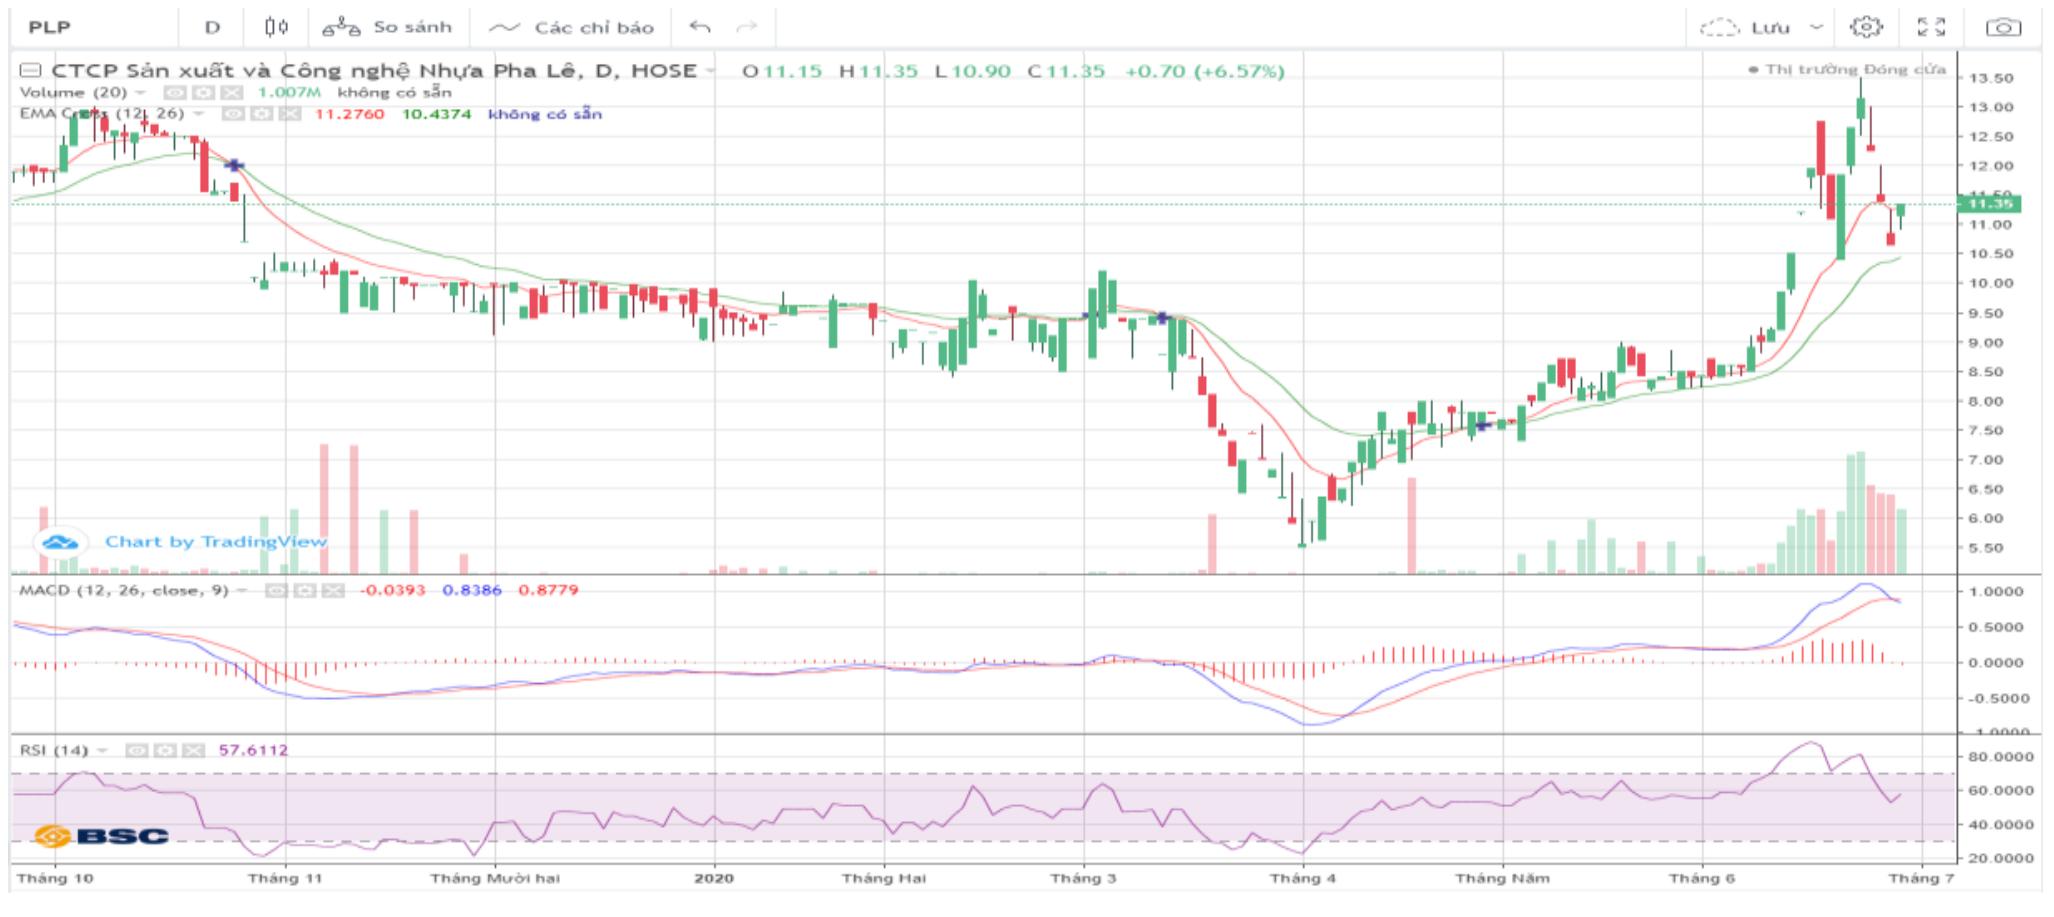 Cổ phiếu tâm điểm ngày 30/6: DHC, CII, SJS, PLP - Ảnh 4.